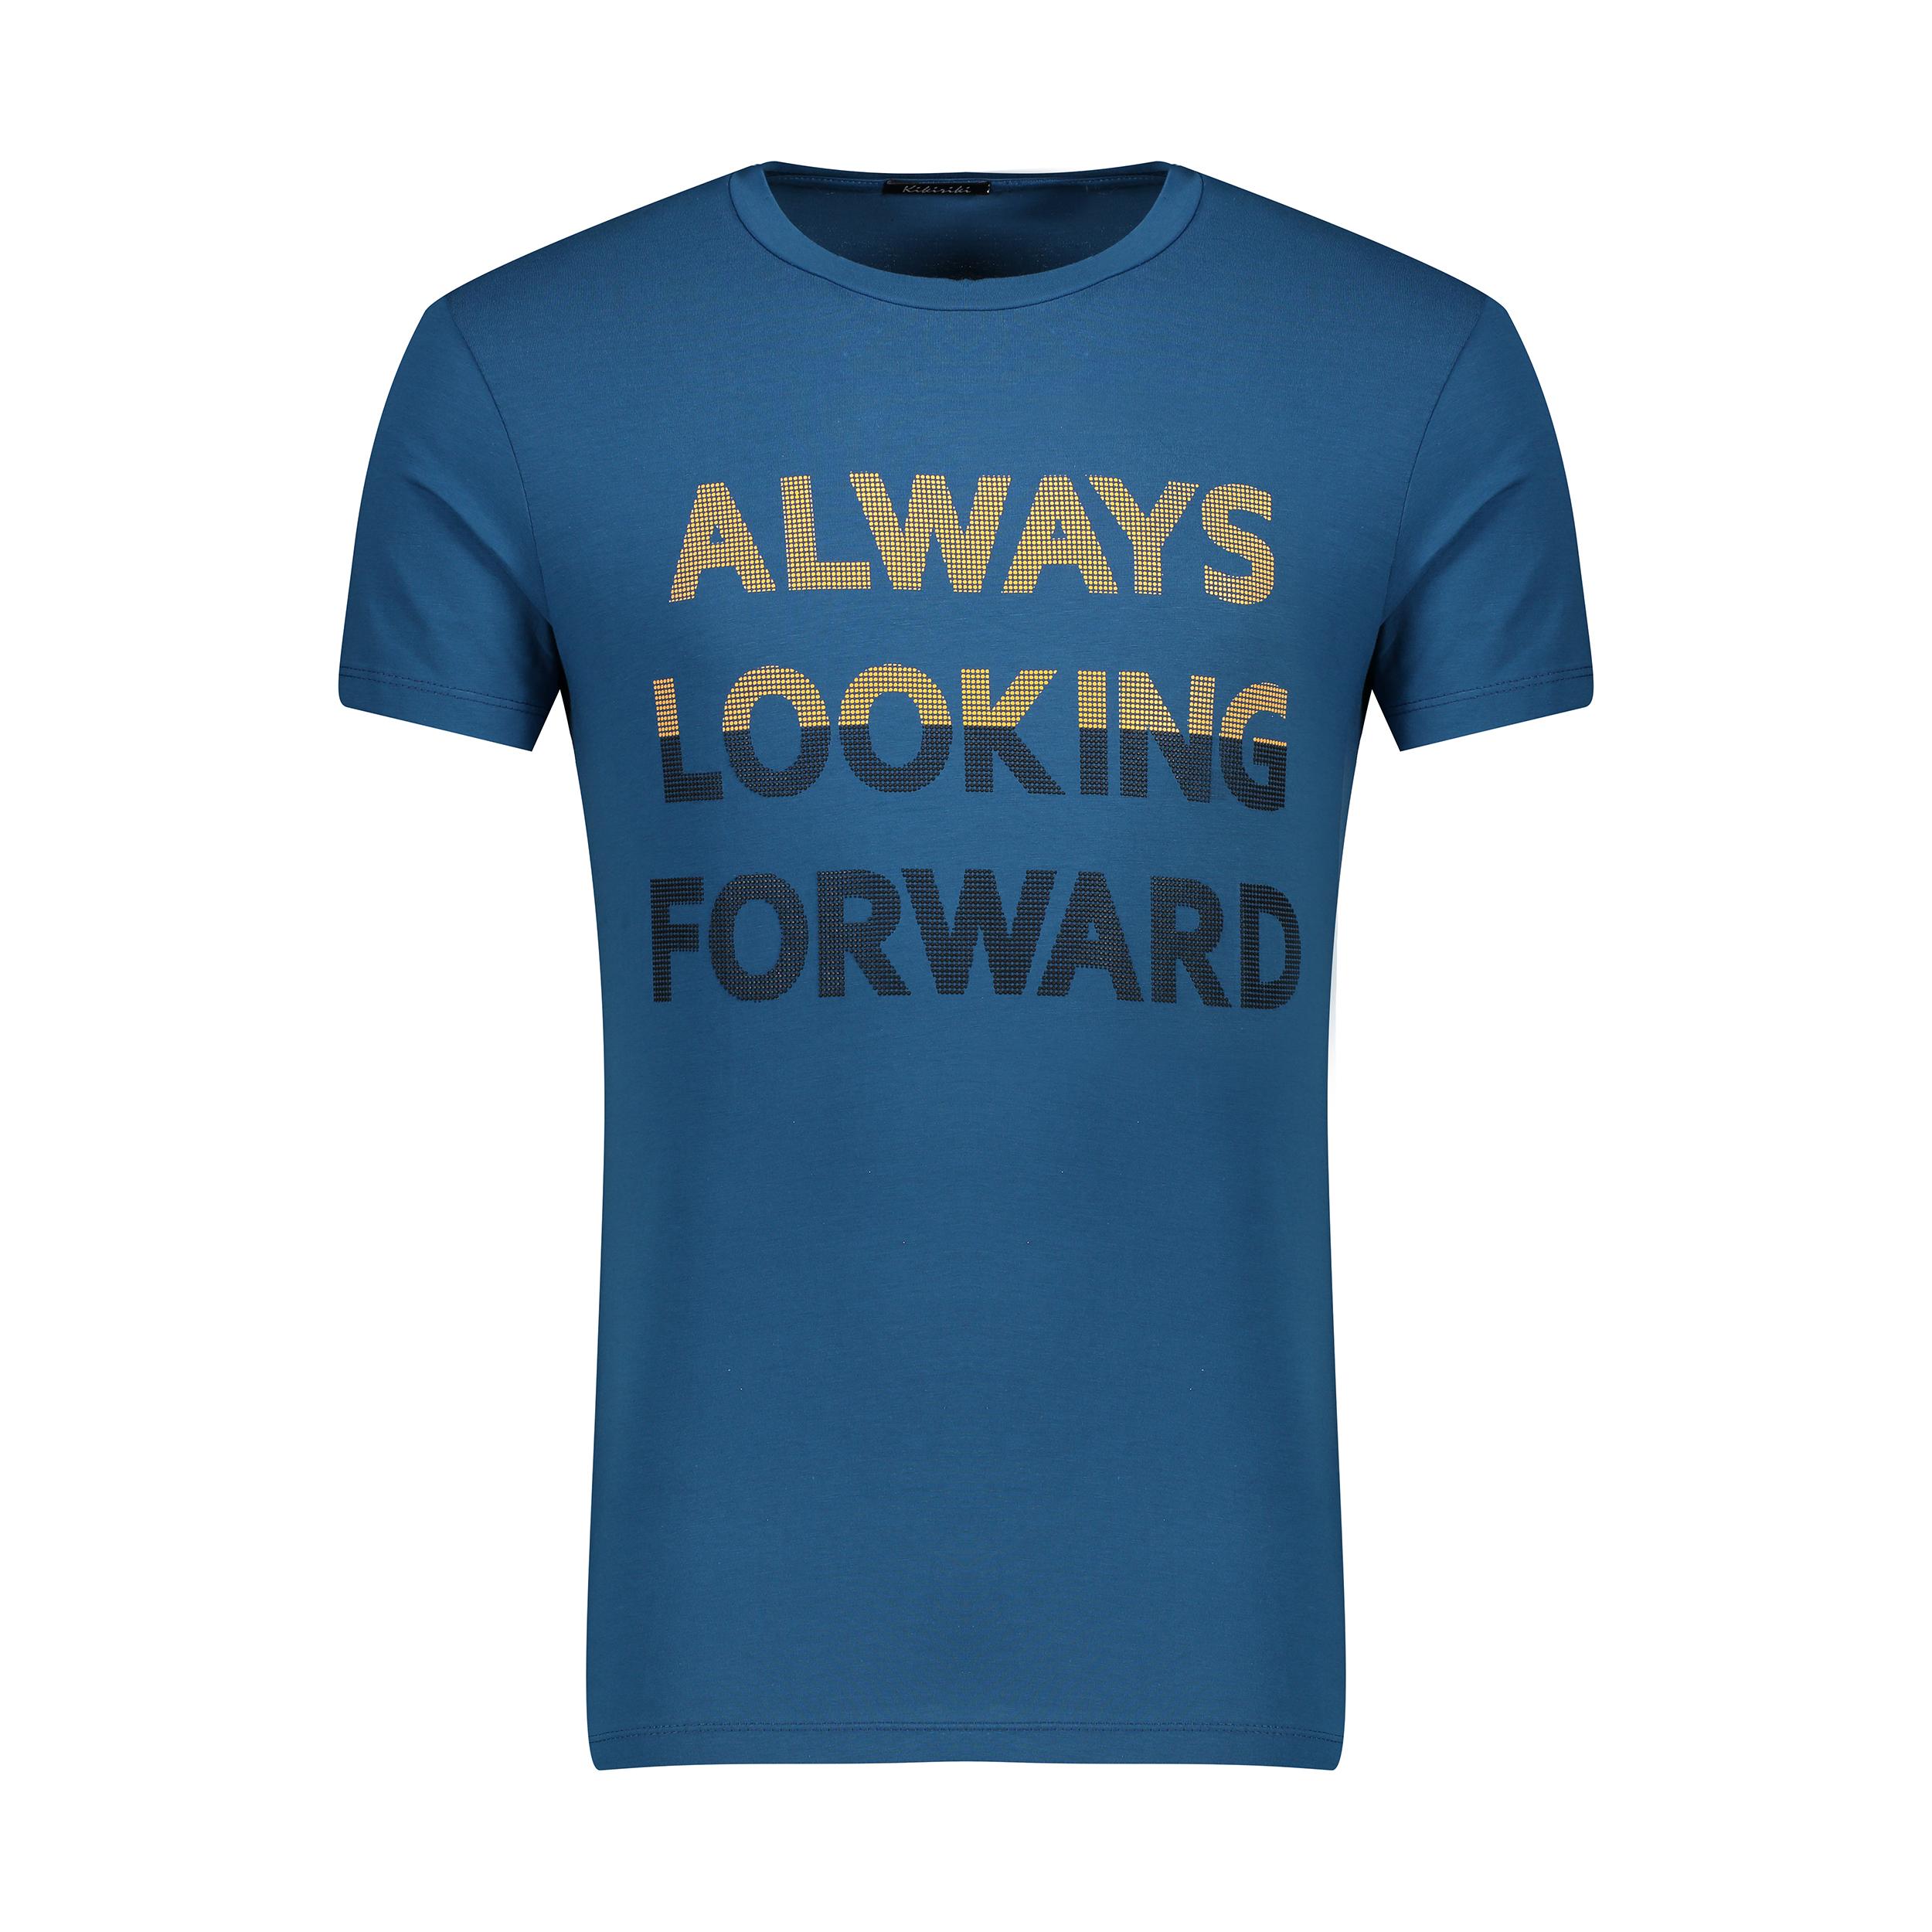 تی شرت مردانه کیکی رایکی مدل MBB2486-016